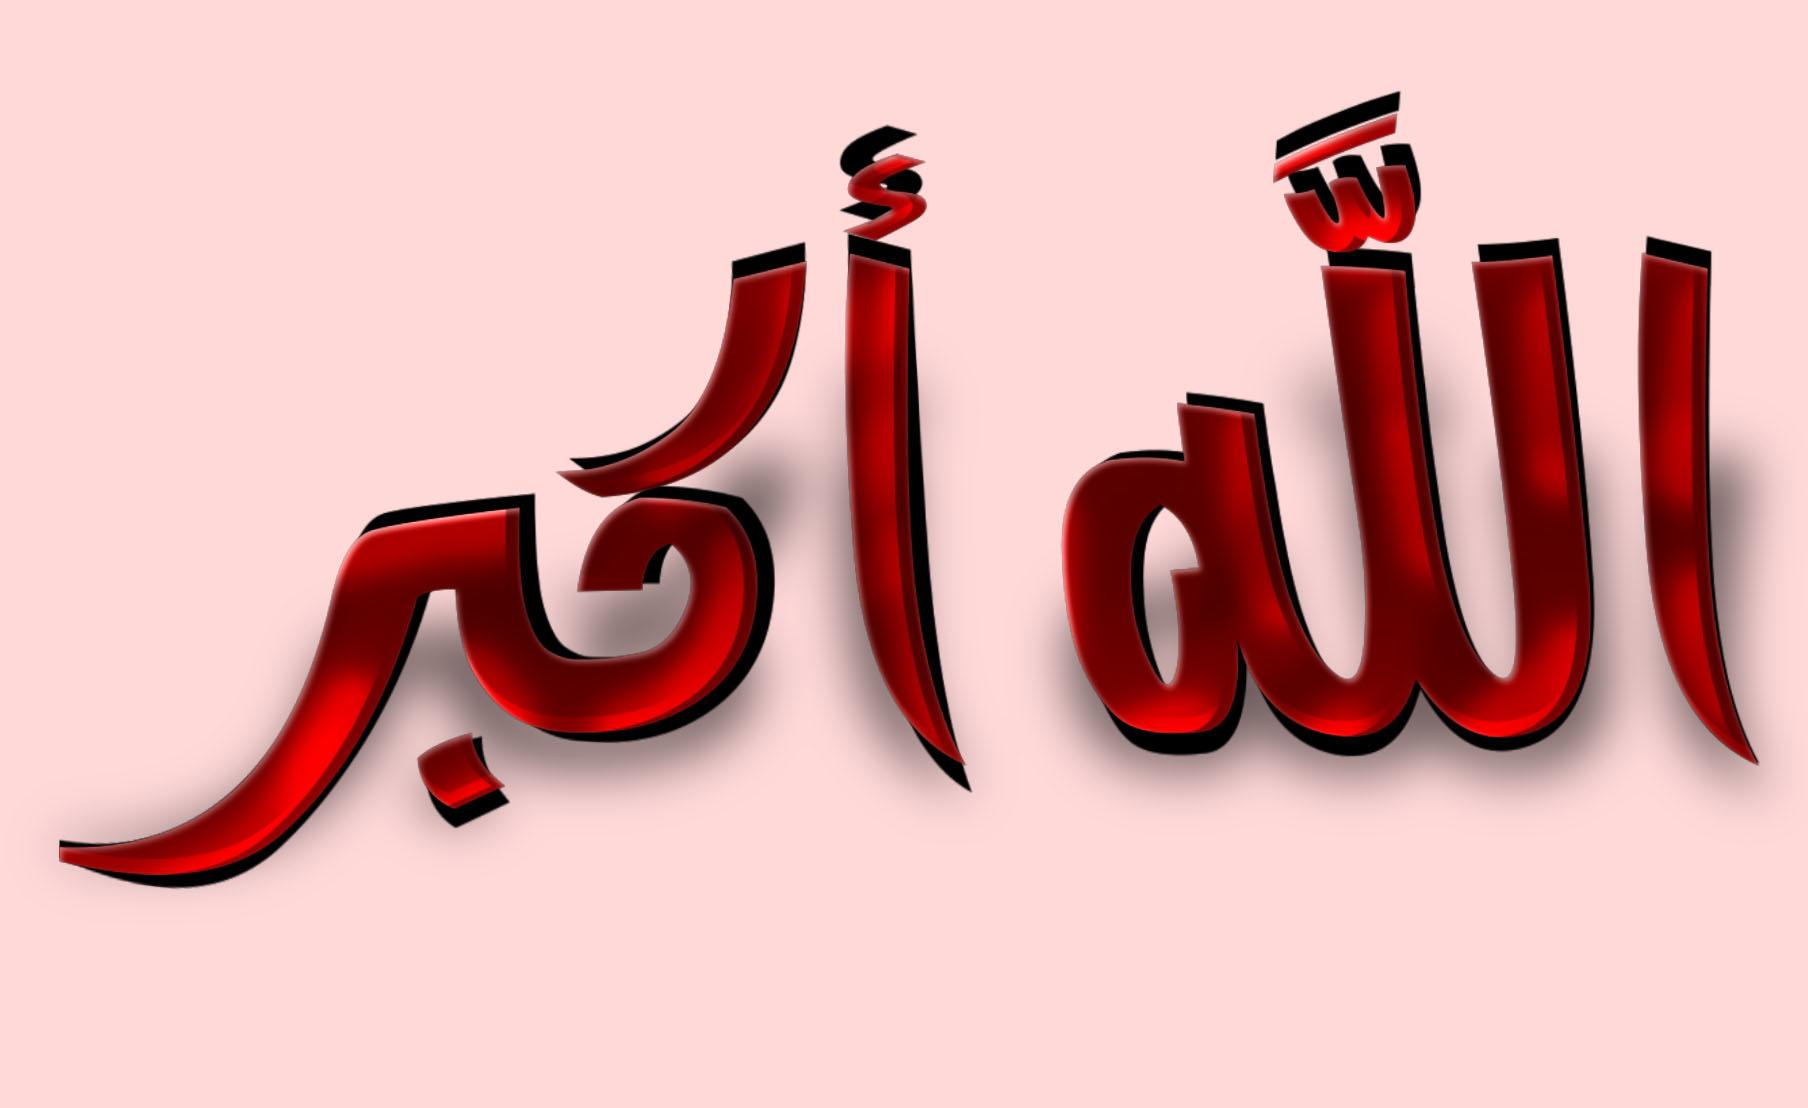 بالصور صور اسم الله , اسم الله لفظ الجلالة 5538 4